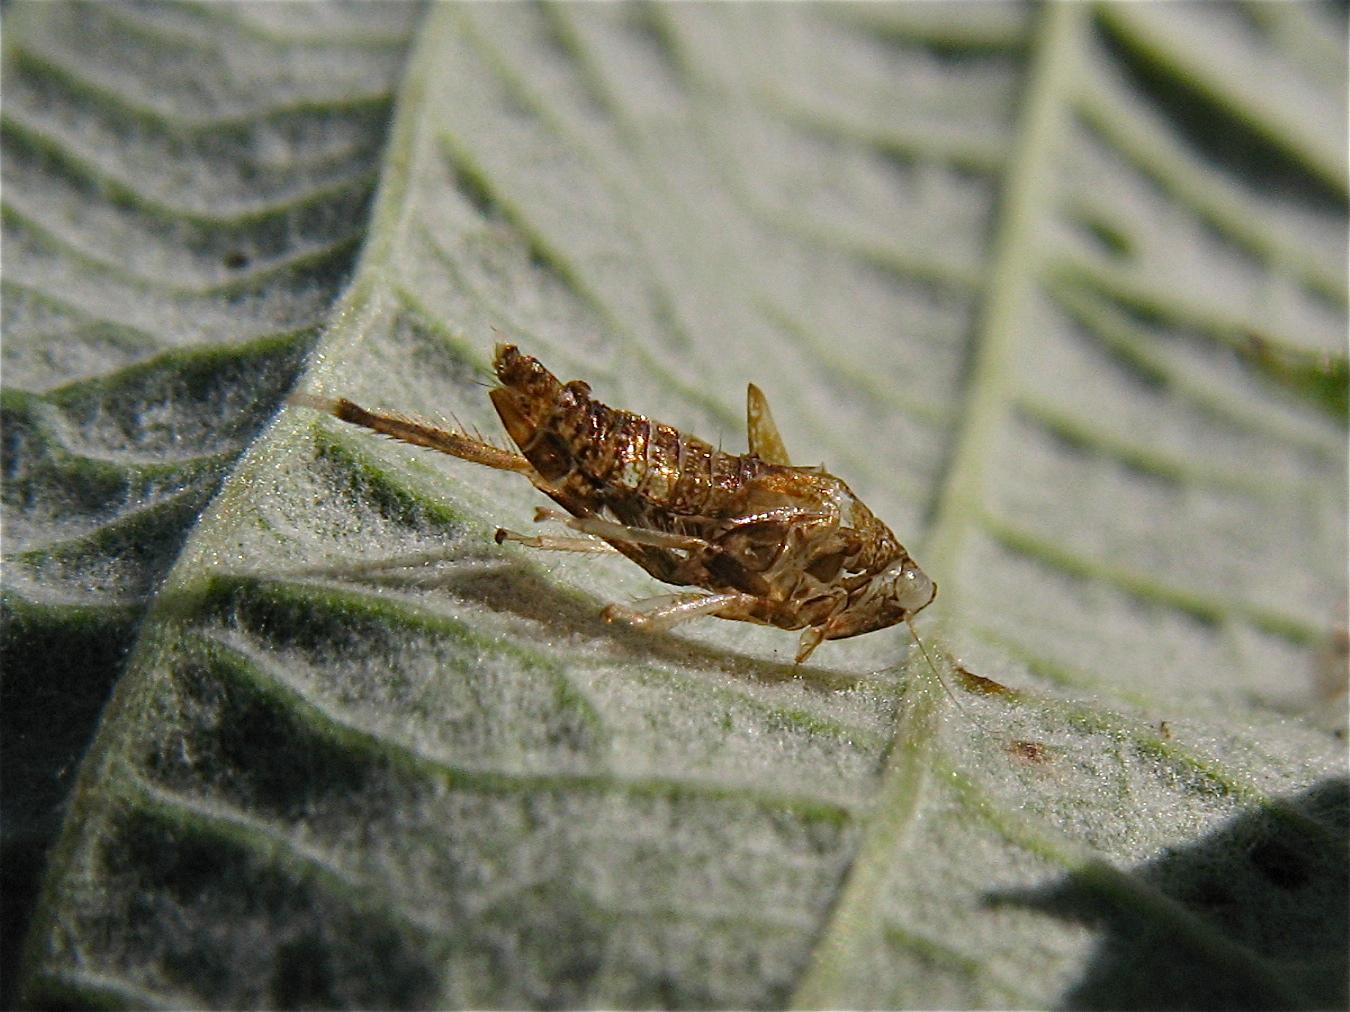 Die leere Hülle einer Zikadenlarve - das erwachsene Insekt ist schon geschlüpft . . .